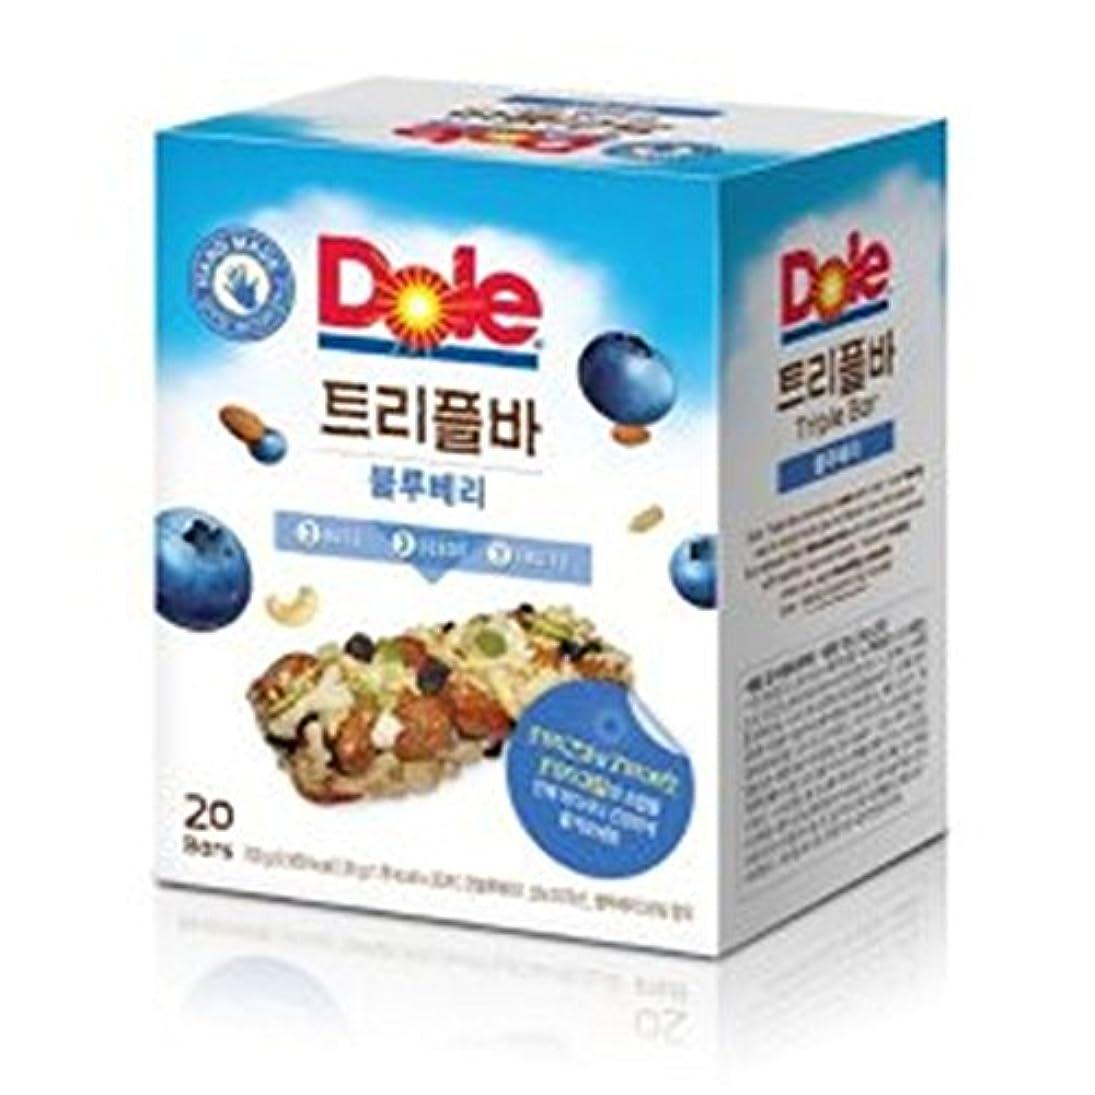 文言宝石しないでください[ドール/Dole] Dole Triple Barドールトリプルバーブルーベリー35g x20個/3つのナットと3つのフルーツ、3つの種子で作成は栄養がたっぷり詰まったDiet Bar穀物バー/シリアル/栄養バー[健康...